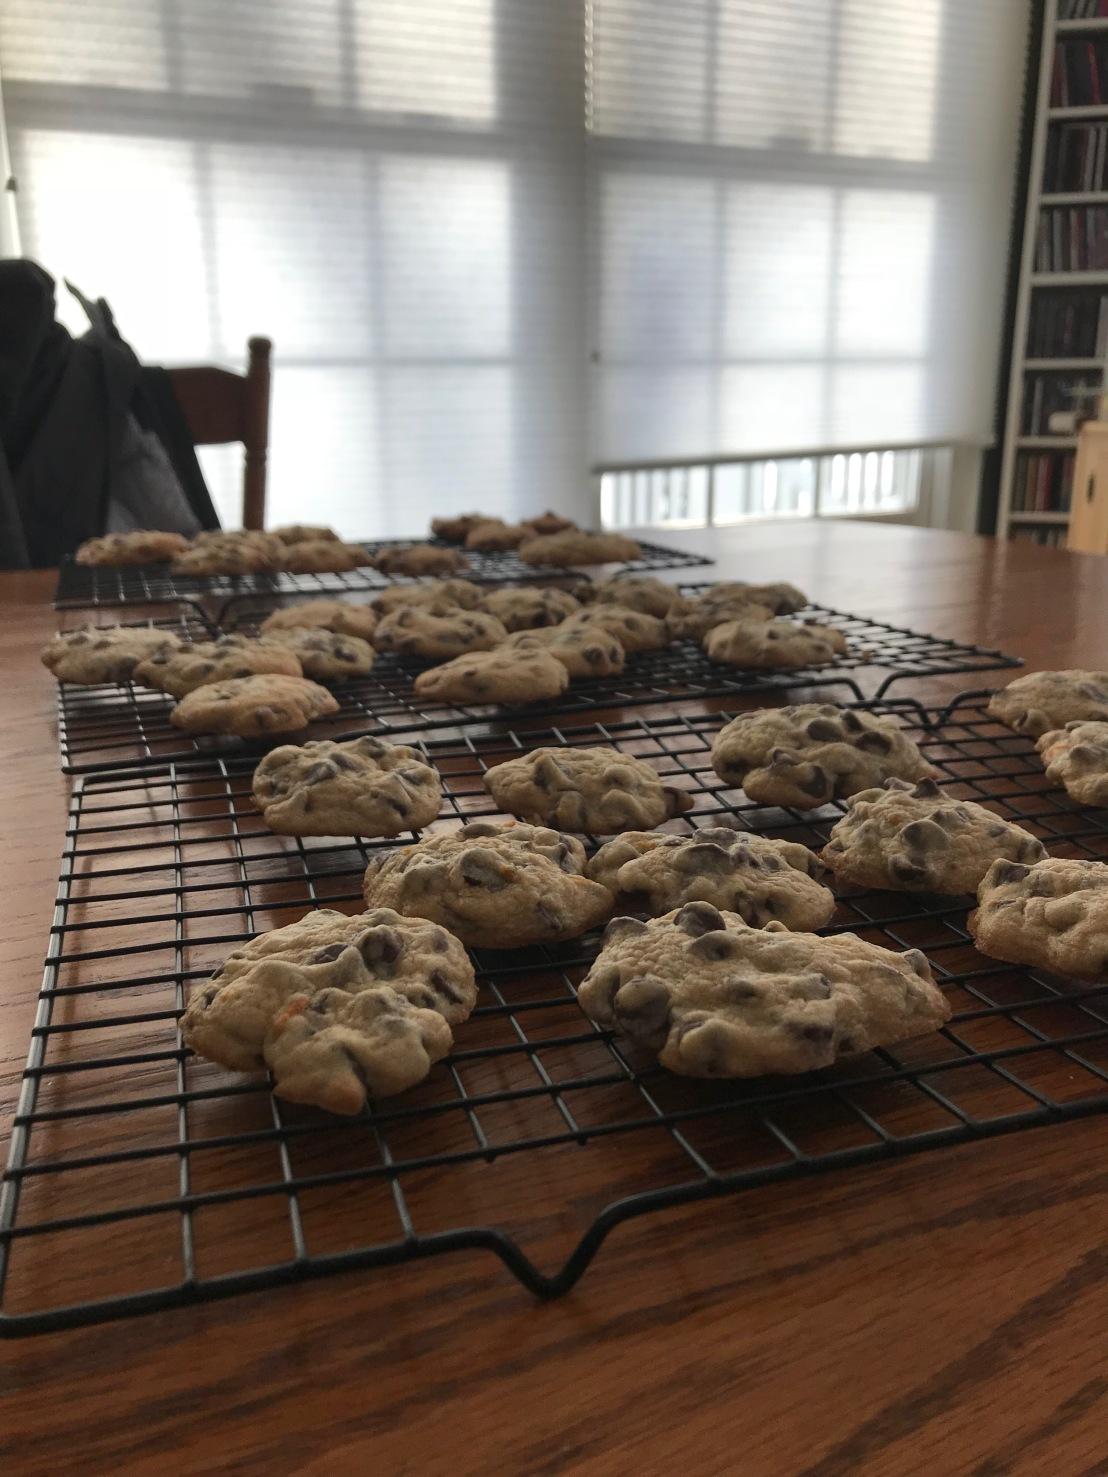 Adventures in Baking No. 40: CookieExperiment!